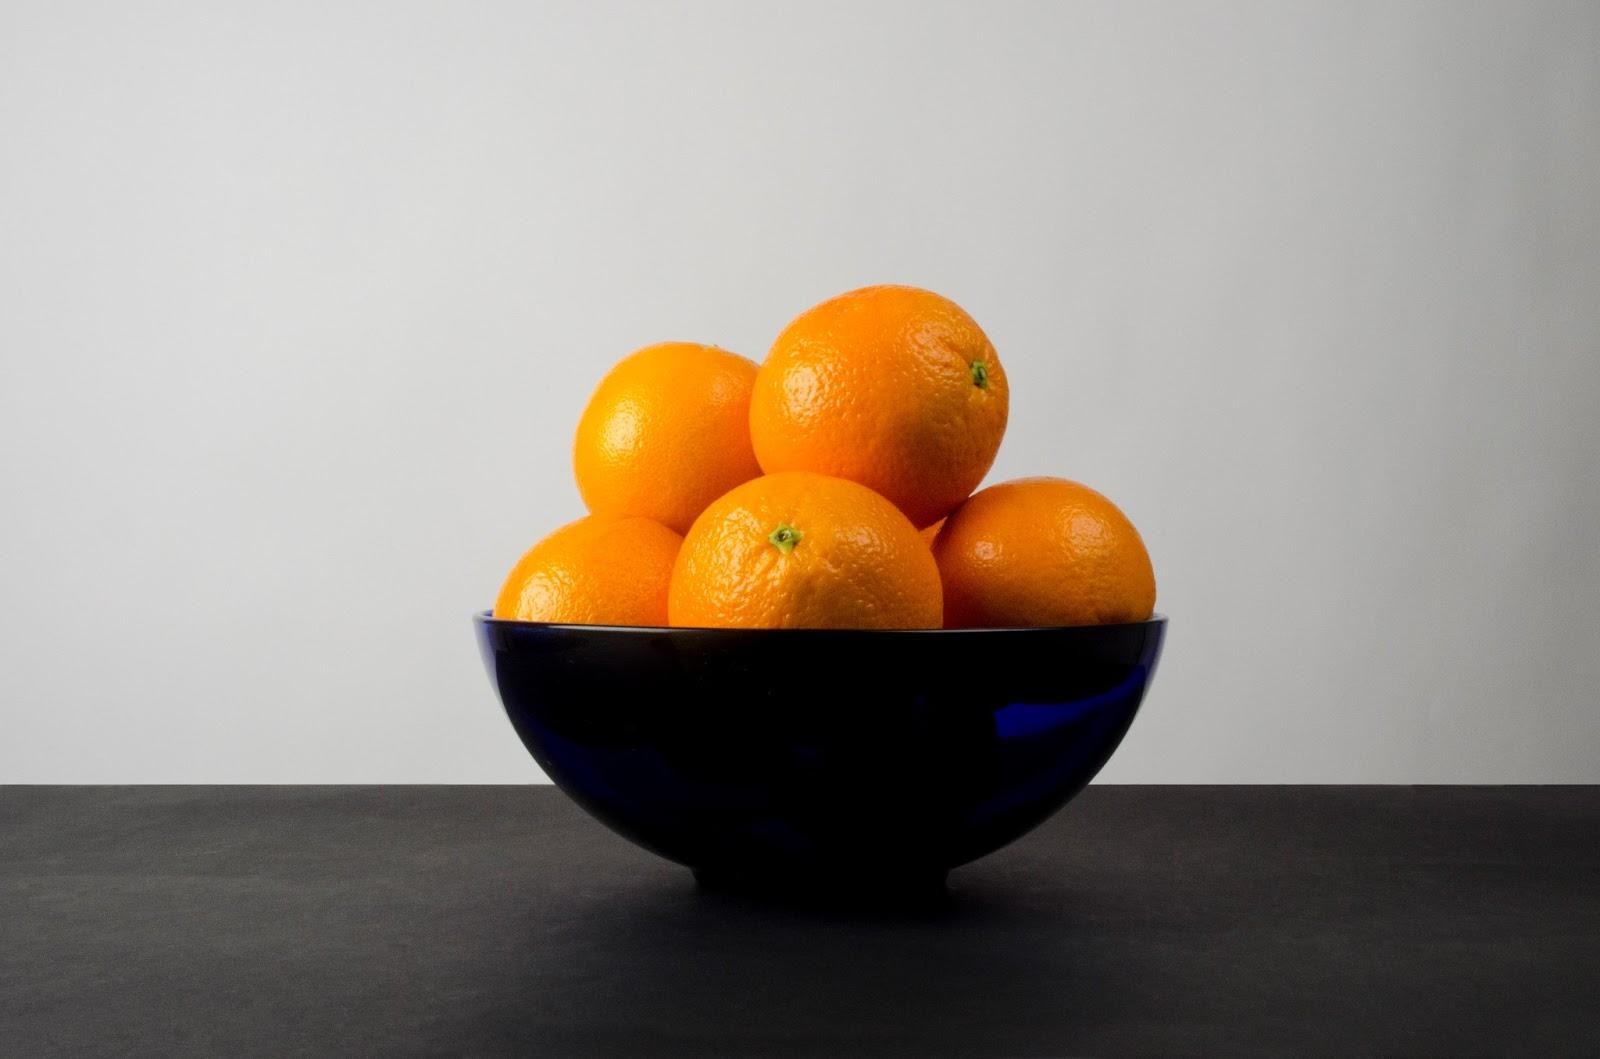 Feng shui en espa ol utiliza la energ a de las frutas - Que es feng shui ...